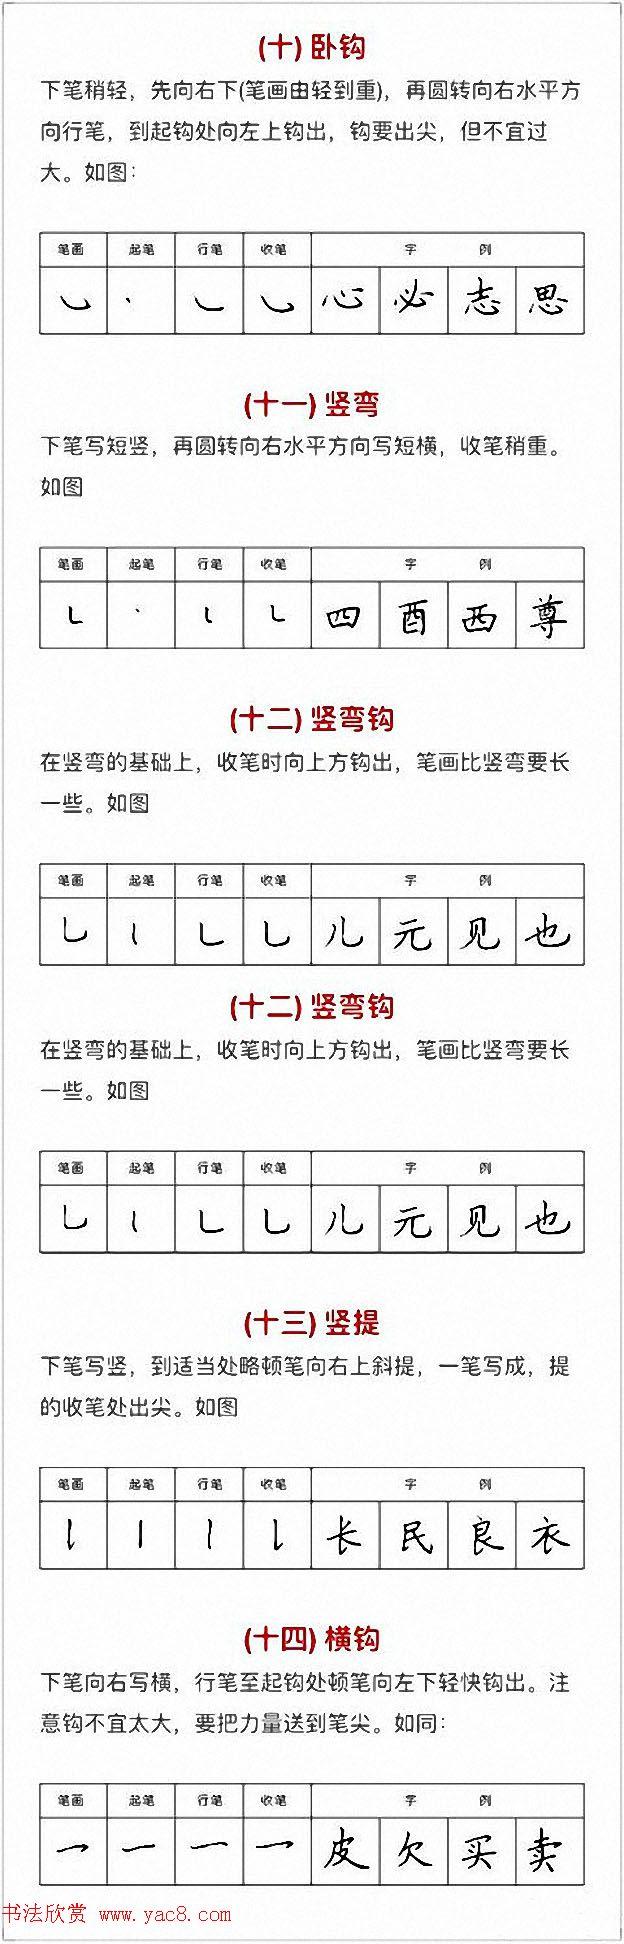 硬笔书法入门教程:基本笔画 行楷书法九课(2)